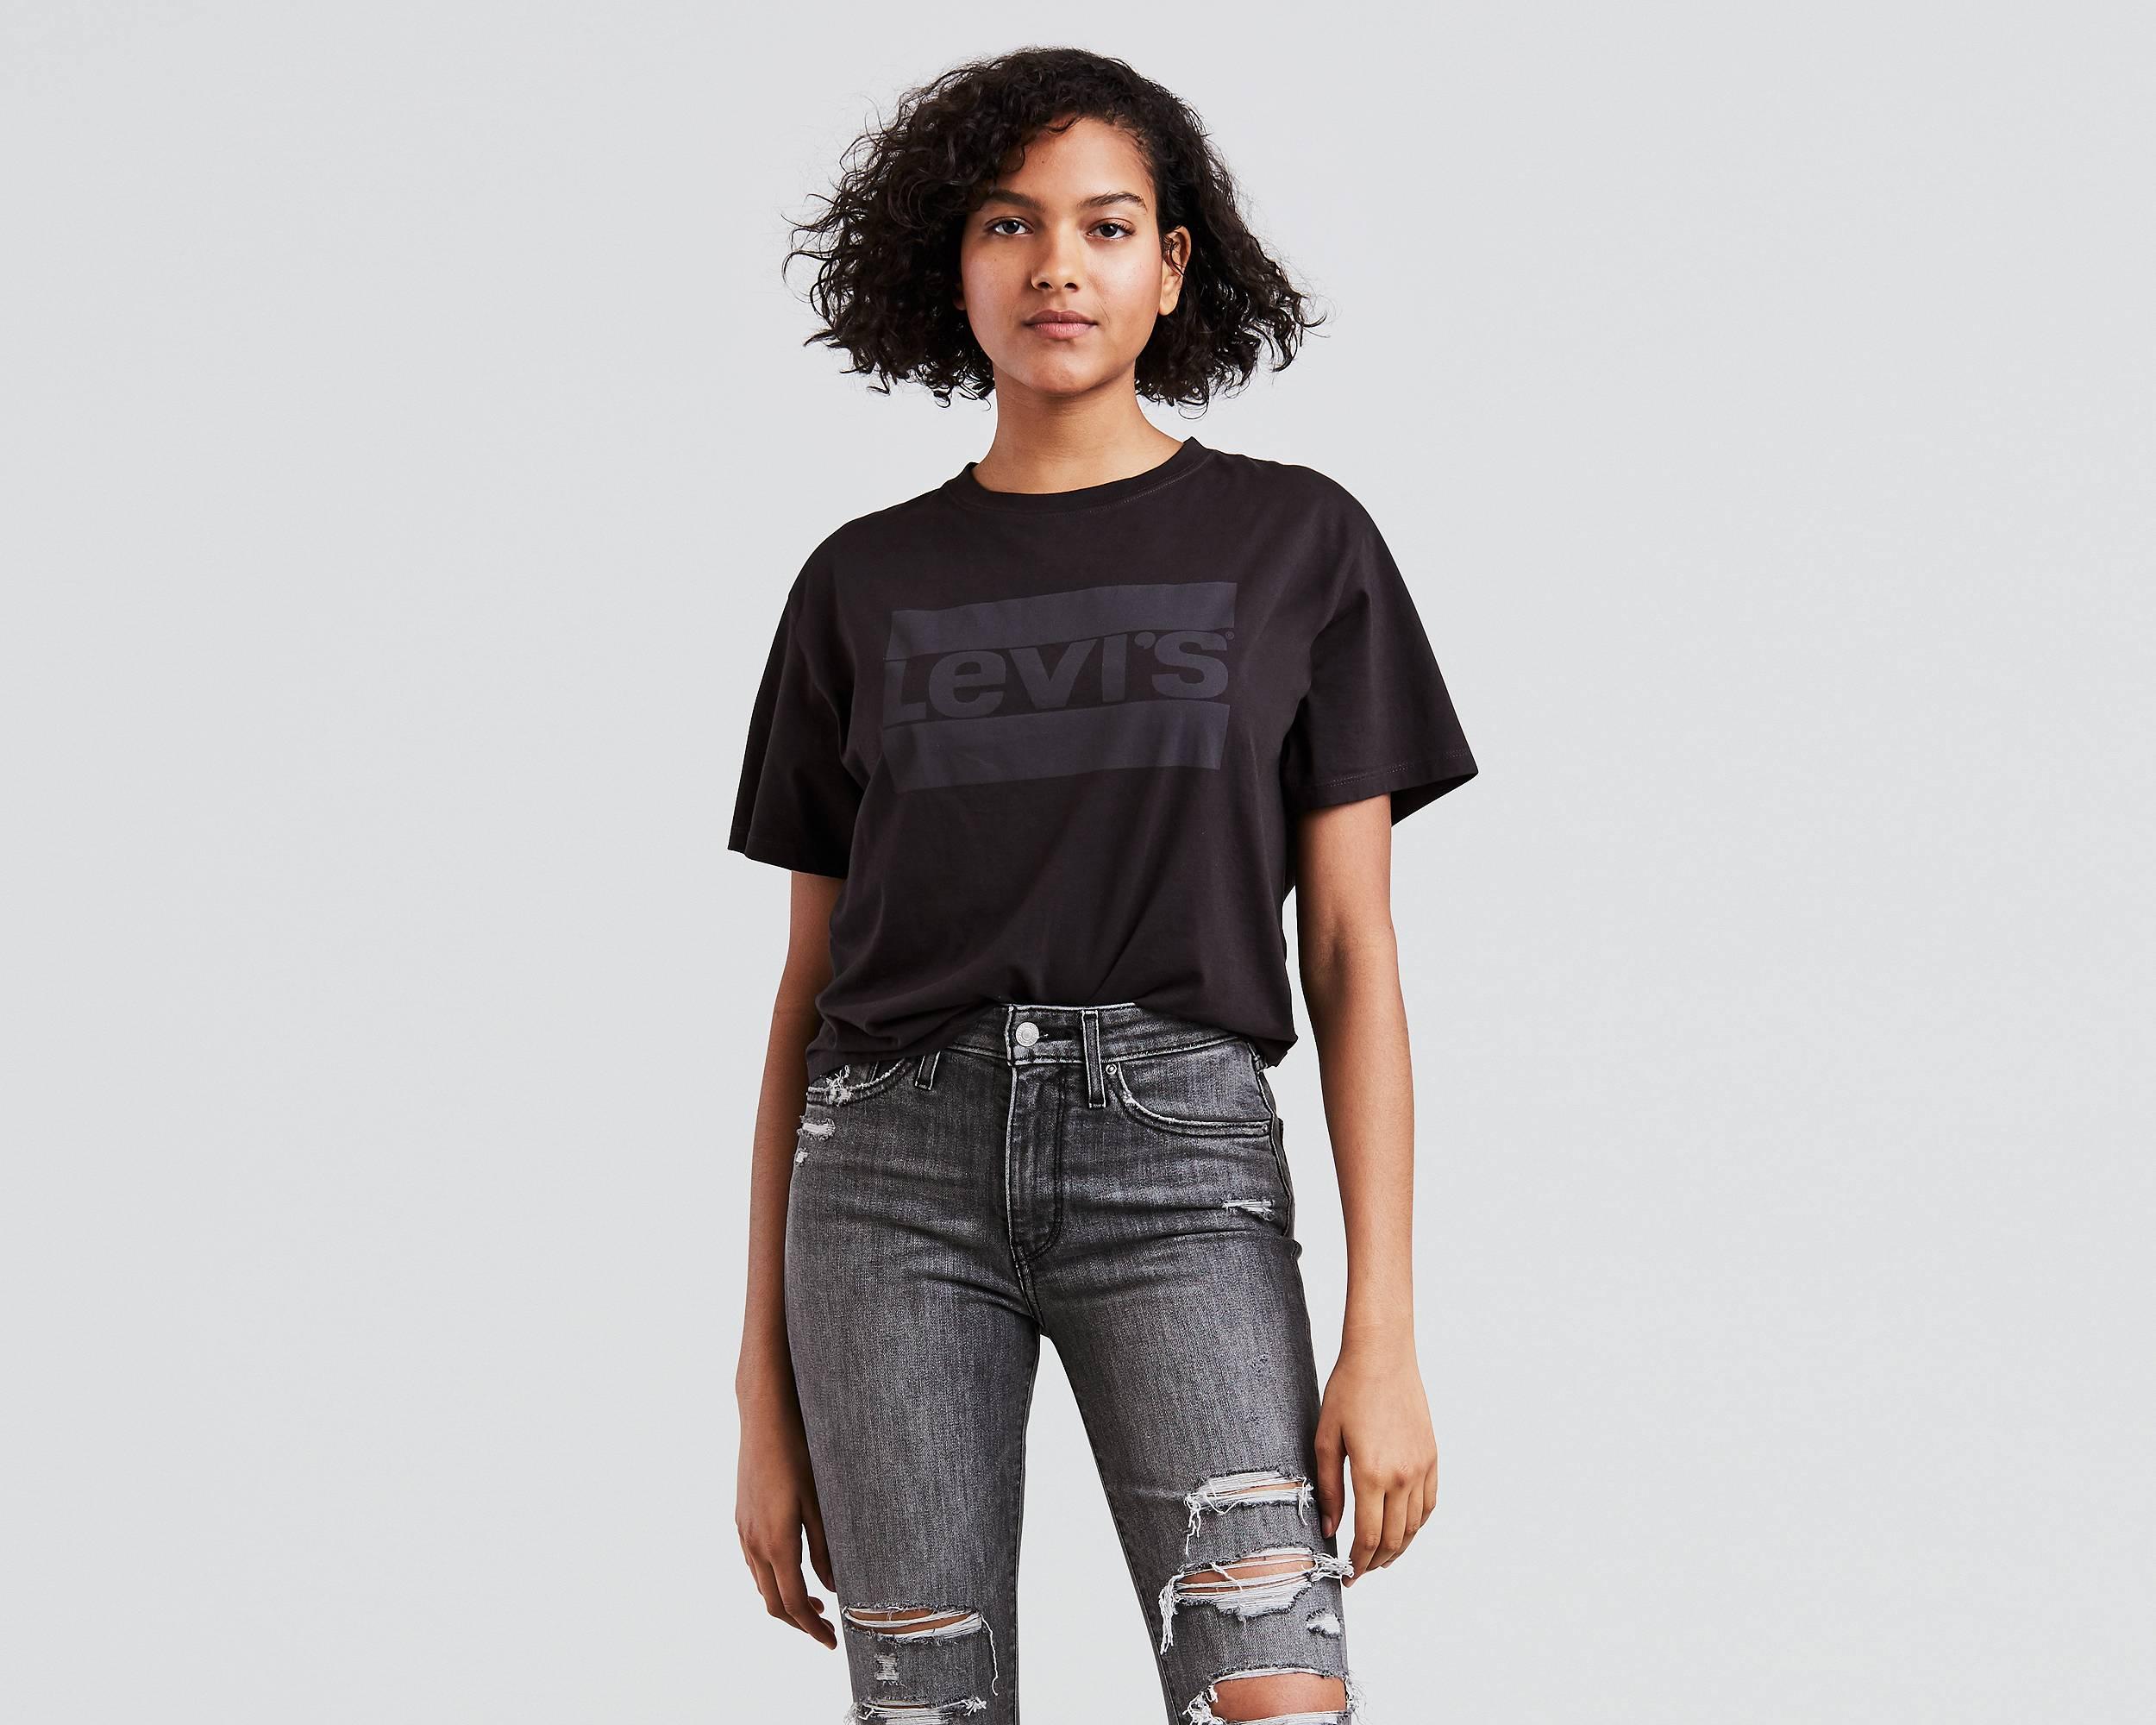 T-Shirts, Graphic T-Shirts & Tank Tops - Shop Women's T-Shirts ...